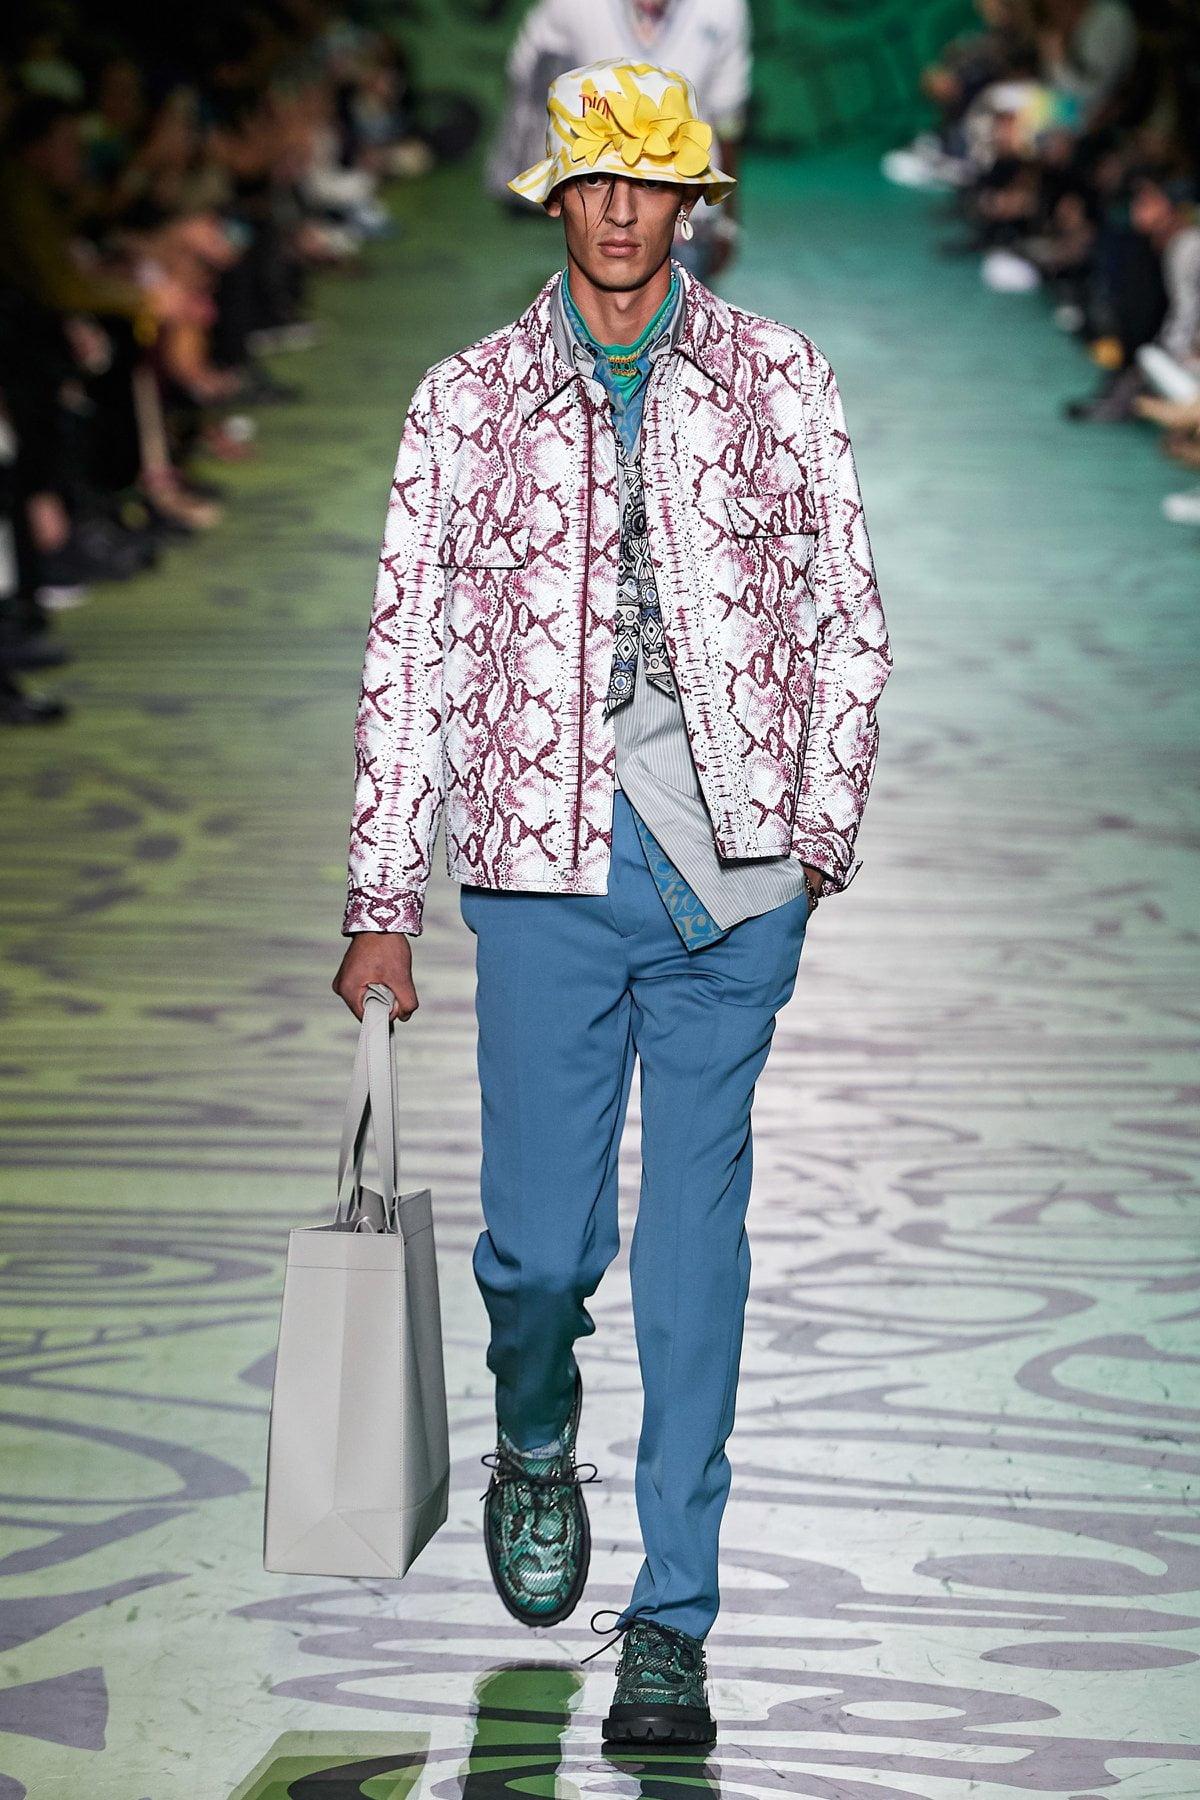 Dior muốn đánh gục cả thế giới với dòng thời trang nam đầy nhục cảm 16